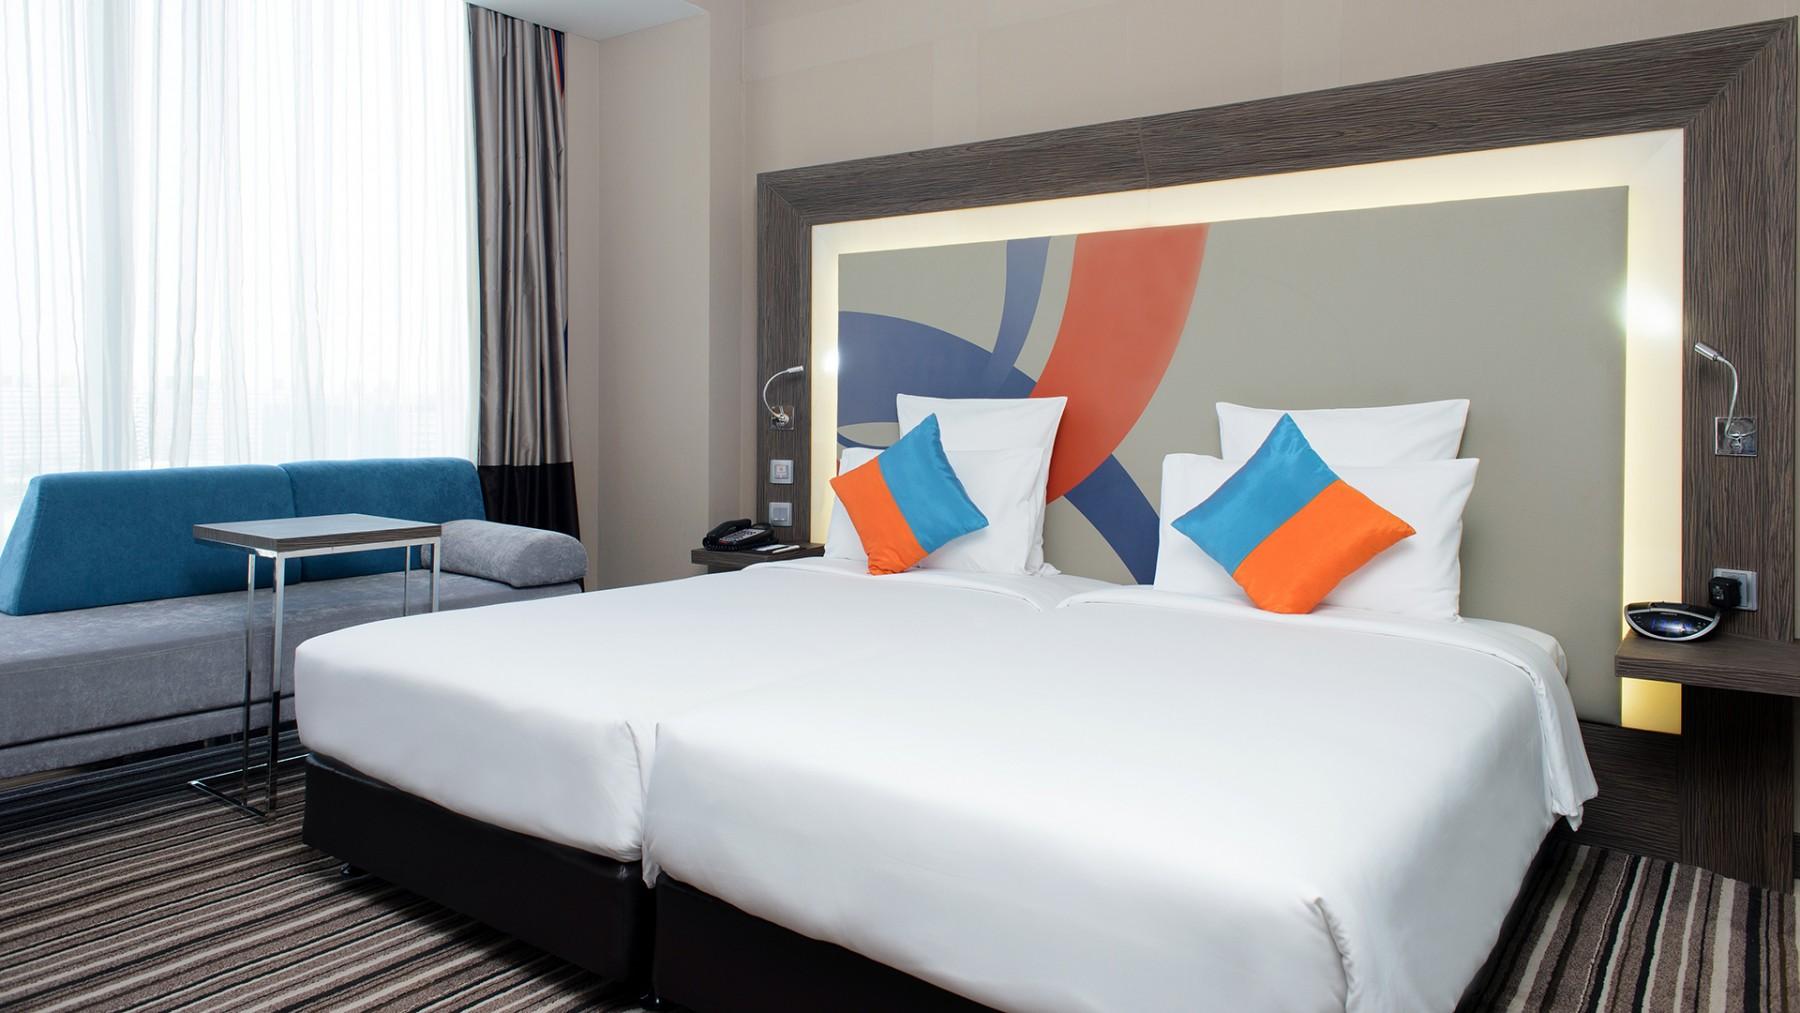 โรงแรมใกล้สนามบินกรุงเทพ